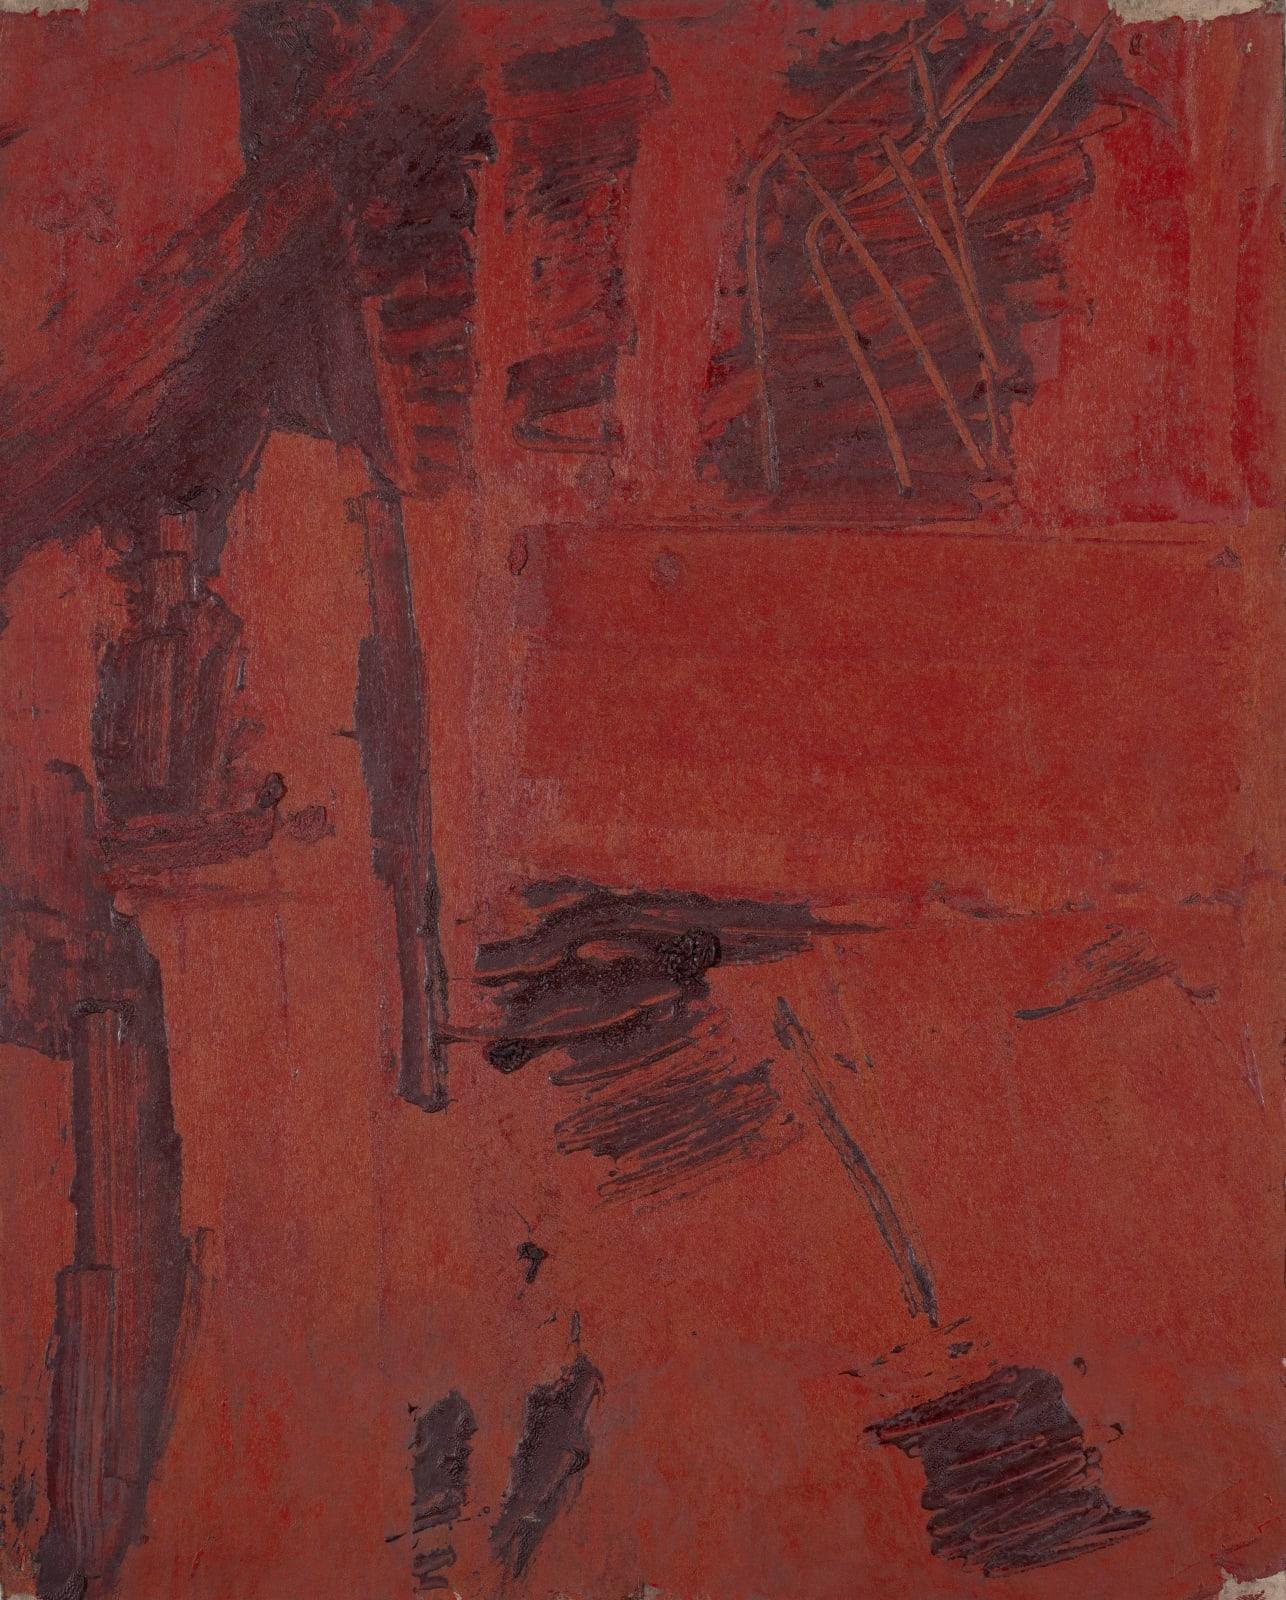 Gustav Metzger Painting, c. 1957-58 Oil on board, 35 x 28cm. The Gustav Metzger Foundation